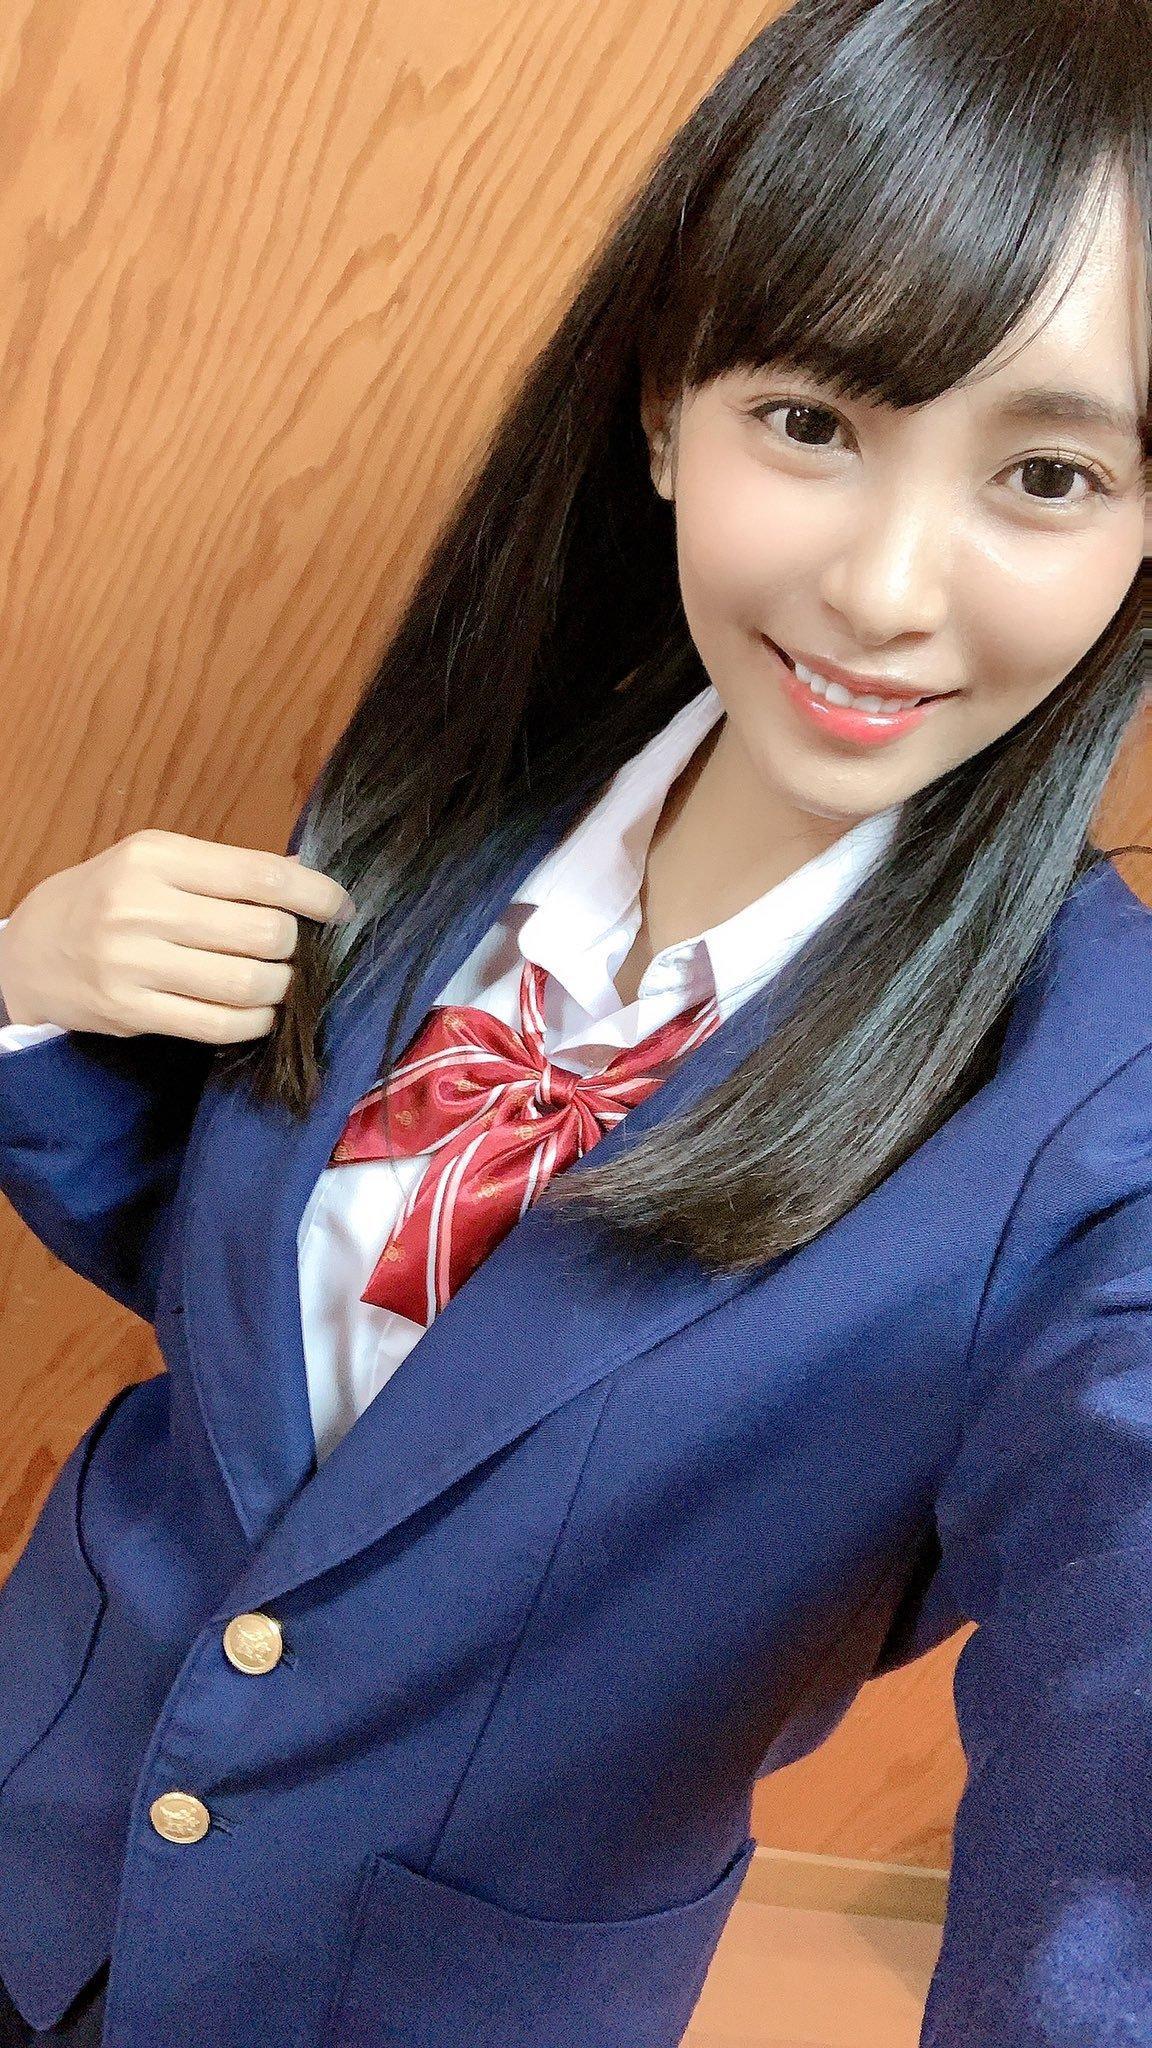 深田咏美再现魅魔 葵铃奈瘦小水着插图(35)